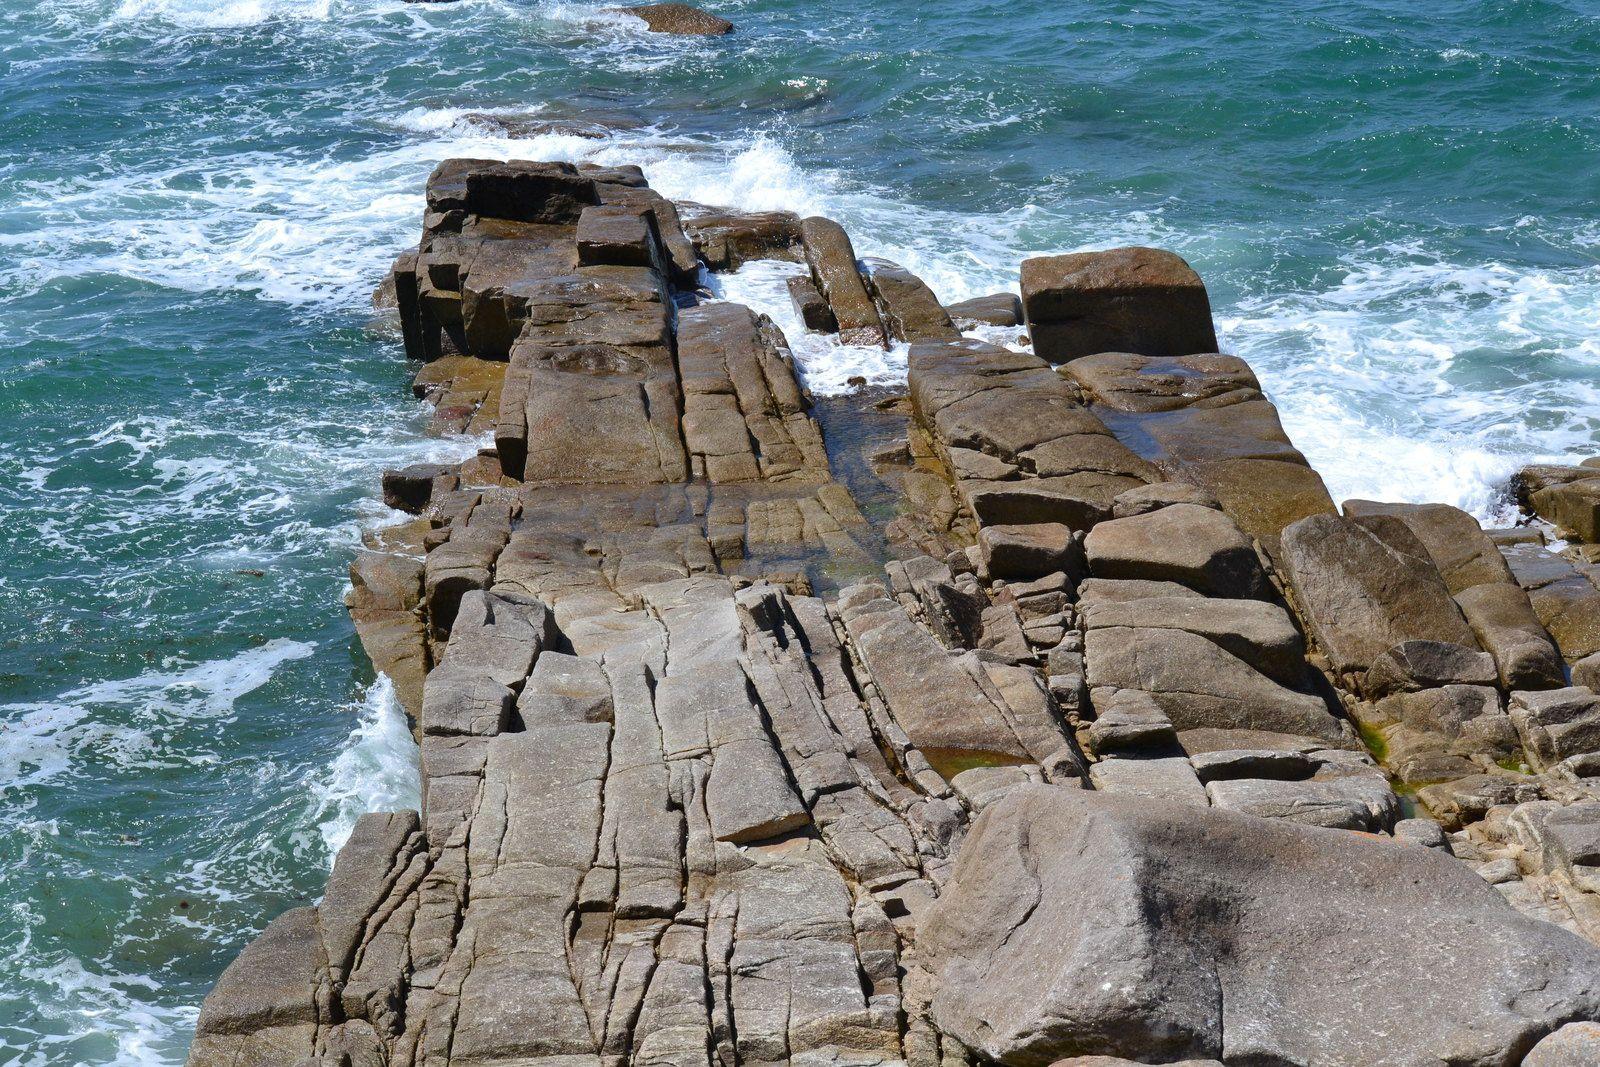 """L'exploitation du granit à l'Ile Grande  Qu'est ce que le granit ?  Le granit est un assemblage de cristaux de quartz, de feldspath et de paillettes de mica. Cet assemblage de grains, du latin """"granum"""" donna le nom de granit. A noter les deux orthographes du mot pour deux contextes différents : -granit pour les carriers et architectes -granite pour les géologues  Les origines du granit  Le granit est une roche éruptive surgie des profondeurs magmatiques de la terre. Des fissures se produisant dans la croûte terrestre, sous forte pression du magma, ce dernier atteint la surface du globe donnant les volcans. Or, ce n'est que lorsque le magma arrête sa montée vers la surface qu'il constitue le granite, sorte de volcan """"avorté"""". Le granit s'est donc formé dans le Trégor il y a 300 millions d'années lorsqu'une poche énorme de magma s'est formée sous terre à 4 ou 5 km de profondeur, allant de Trébeurden à Ploumanac'h. Quelques centaines de milliers d'années plus tard, le magma fut complètement refroidi. Ce long refroidissement a favorisé la formation de cristaux de minéraux. Plus le refroidissement est long, plus ces grains de minéraux sont gros. Voilà donc notre granite qui fut rendu visible grâce à l'érosion progressive des sols, découvrant ainsi les roches cachées dans la profondeur de la terre."""